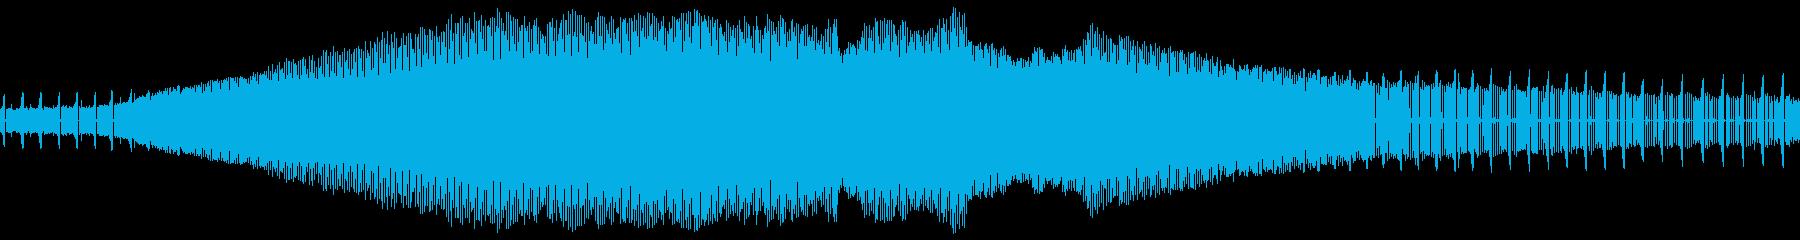 アブラゼミの鳴き声(近距離、一匹のみ)の再生済みの波形